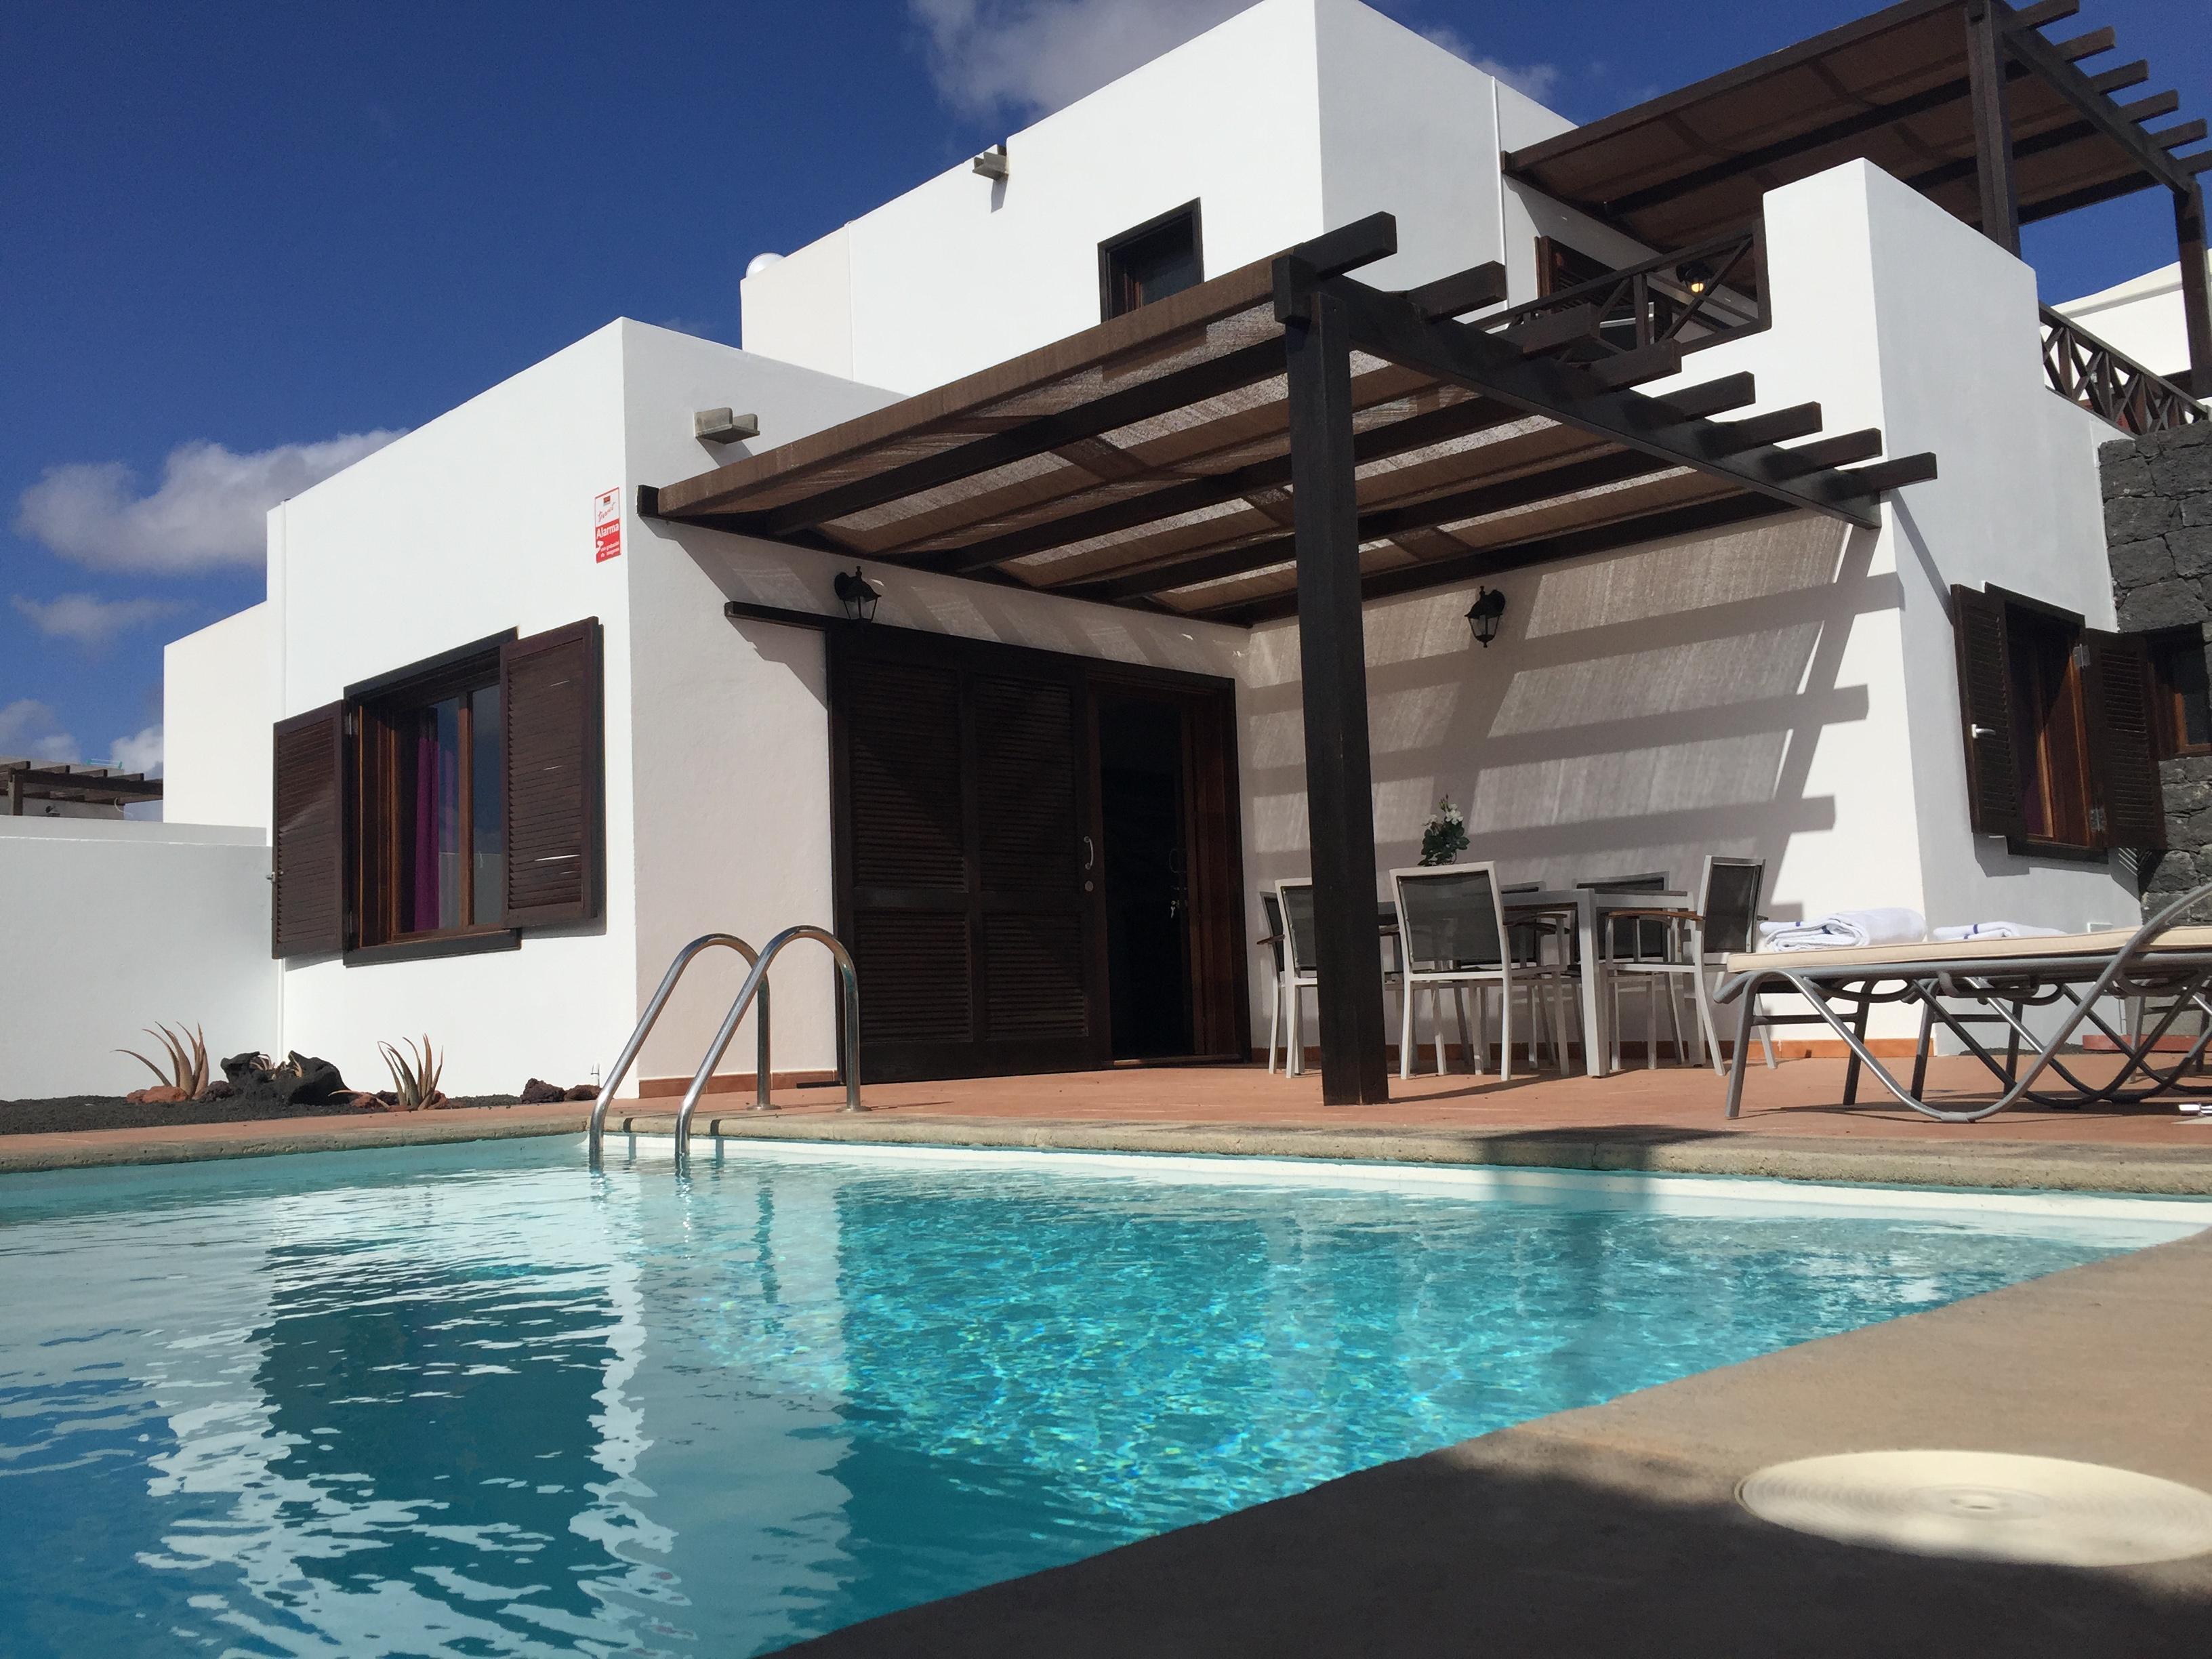 Imagen de Inmobiliaria Puerto Rubicon,                                         propietario de Villas El Partidor